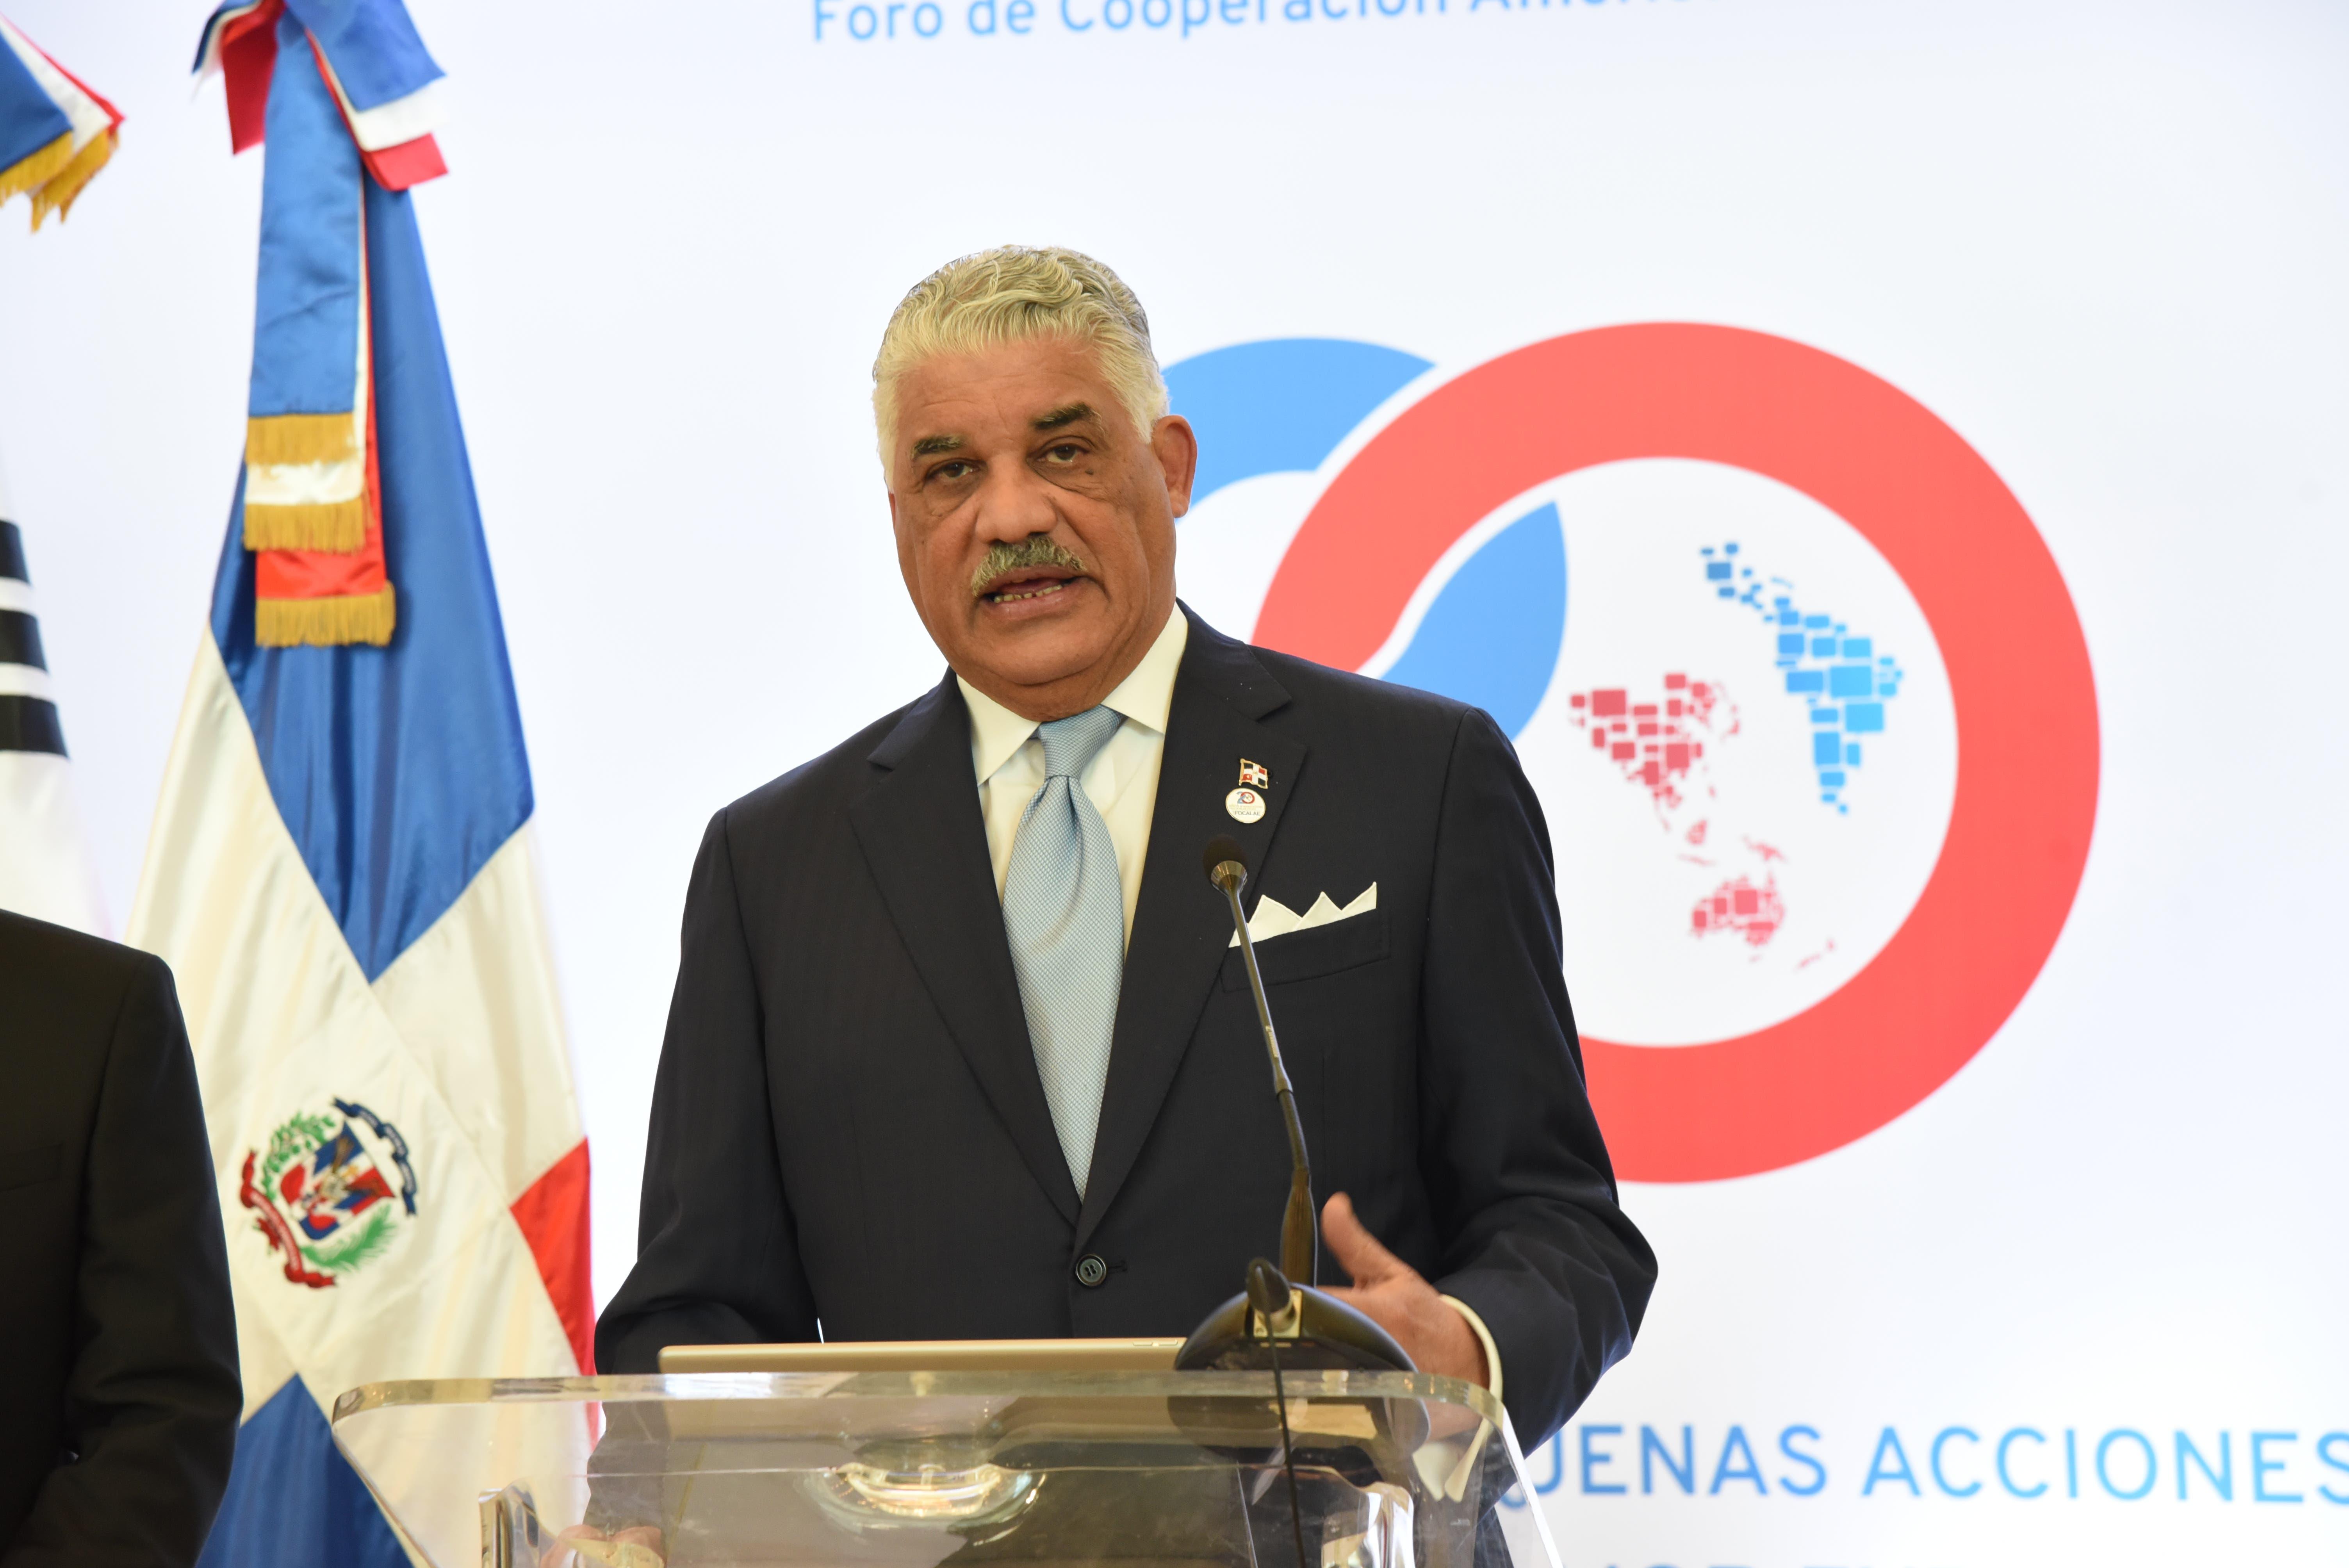 Miguel Vargas anuncia dominicanos podránviajar a Malasia, Singapur y Filipinas sin visa